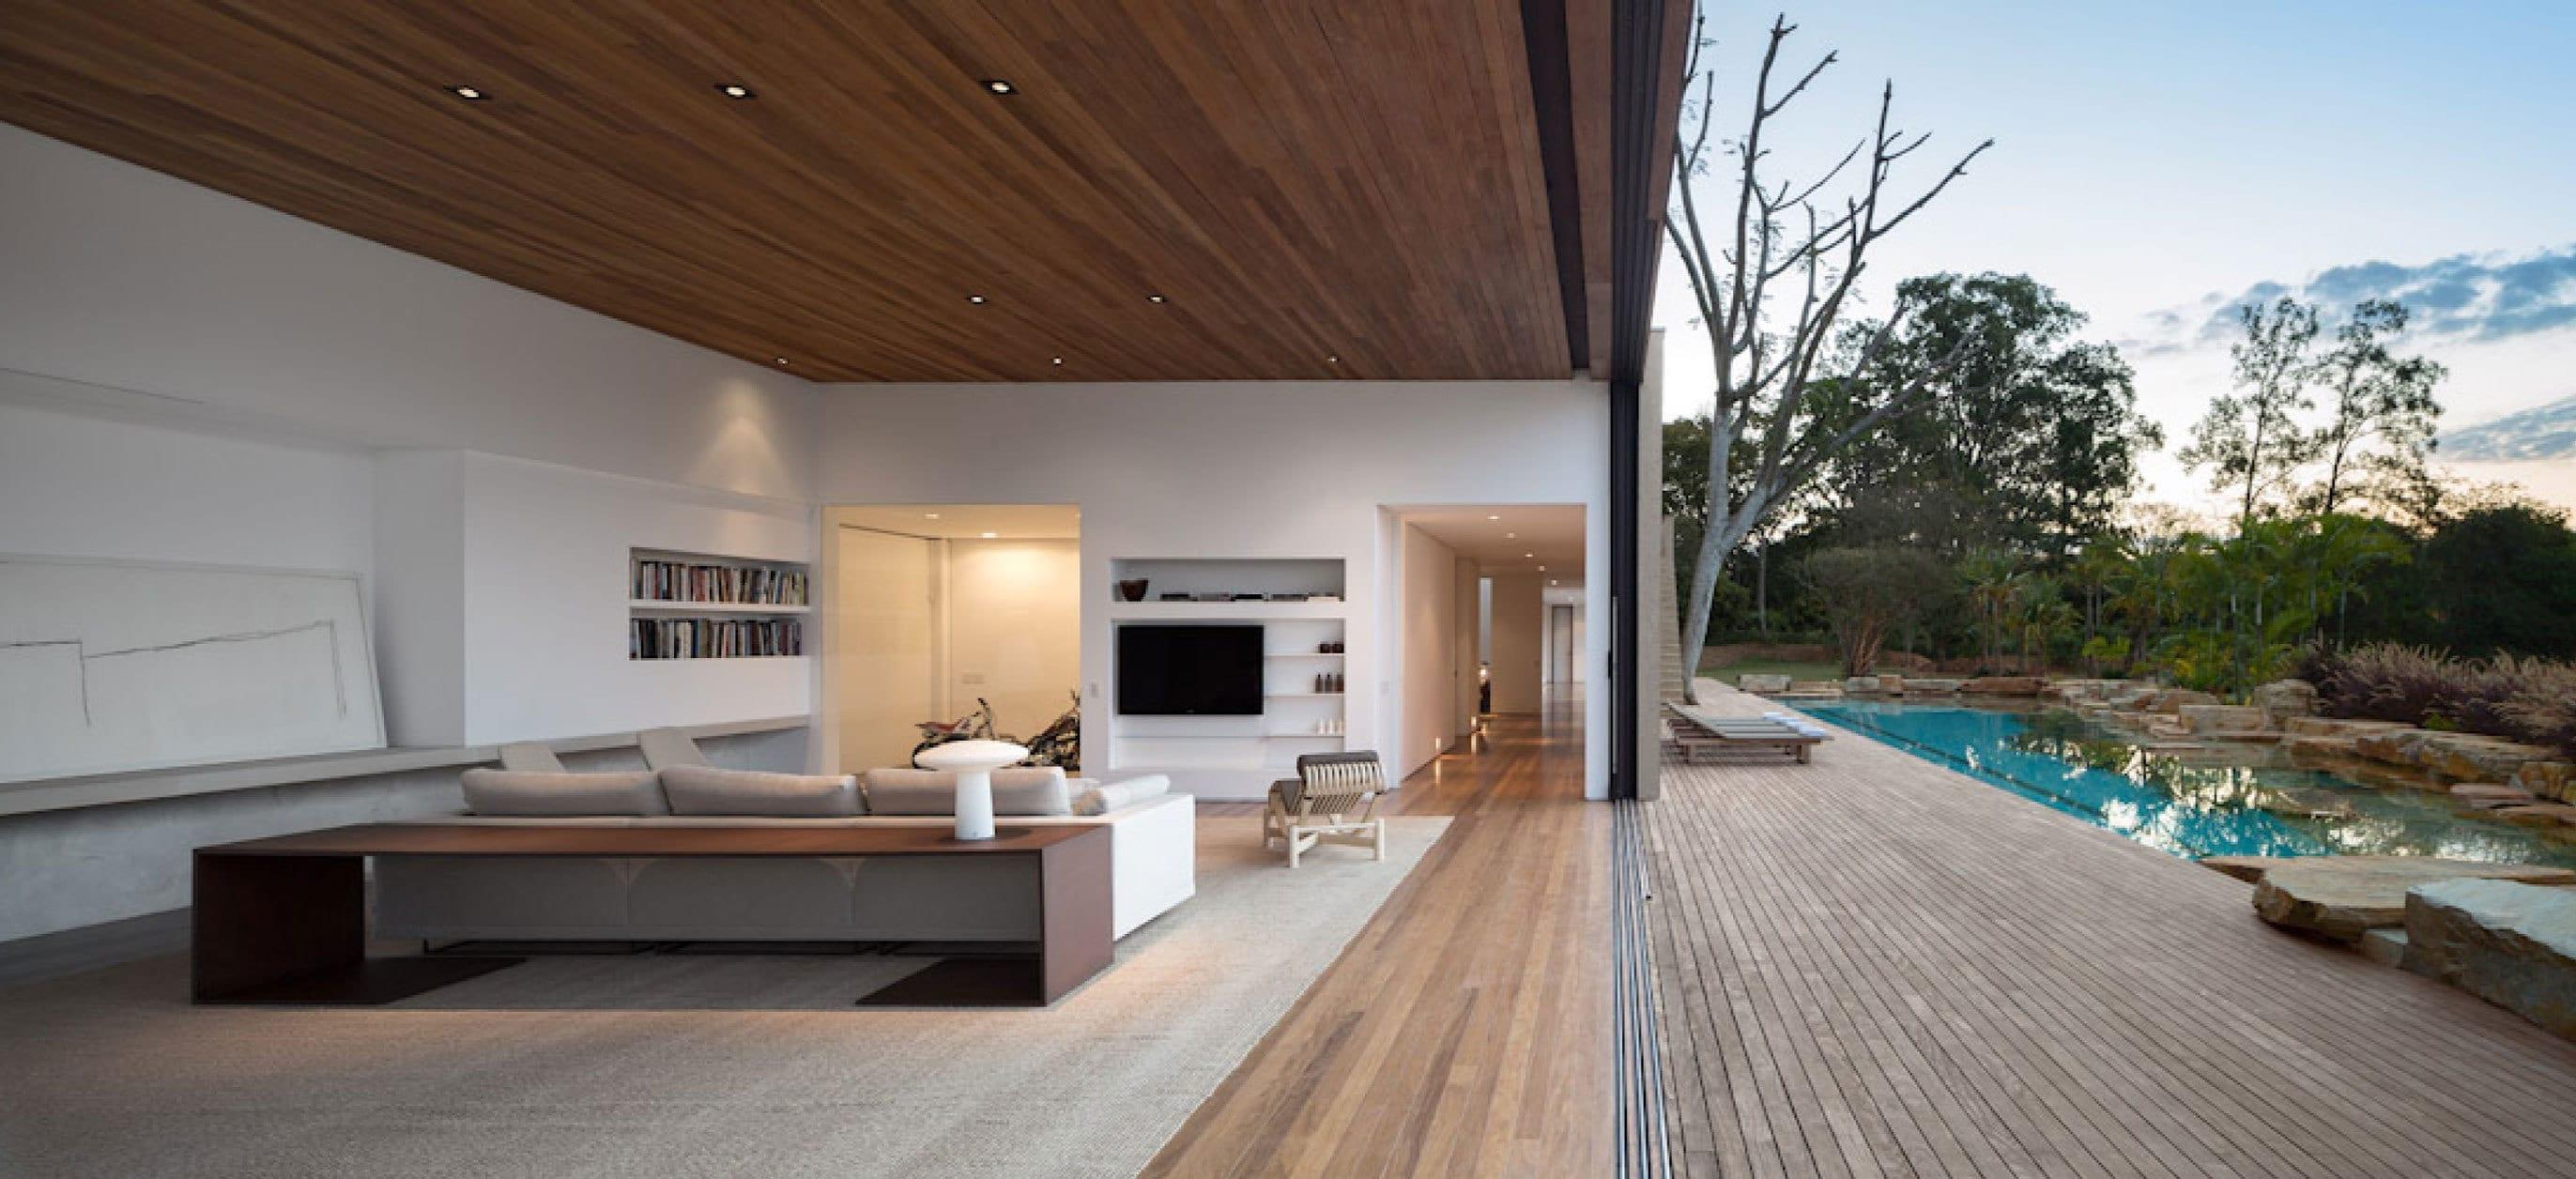 offener Wohnraum gestaltung-minimalistische Einrichtungsidee